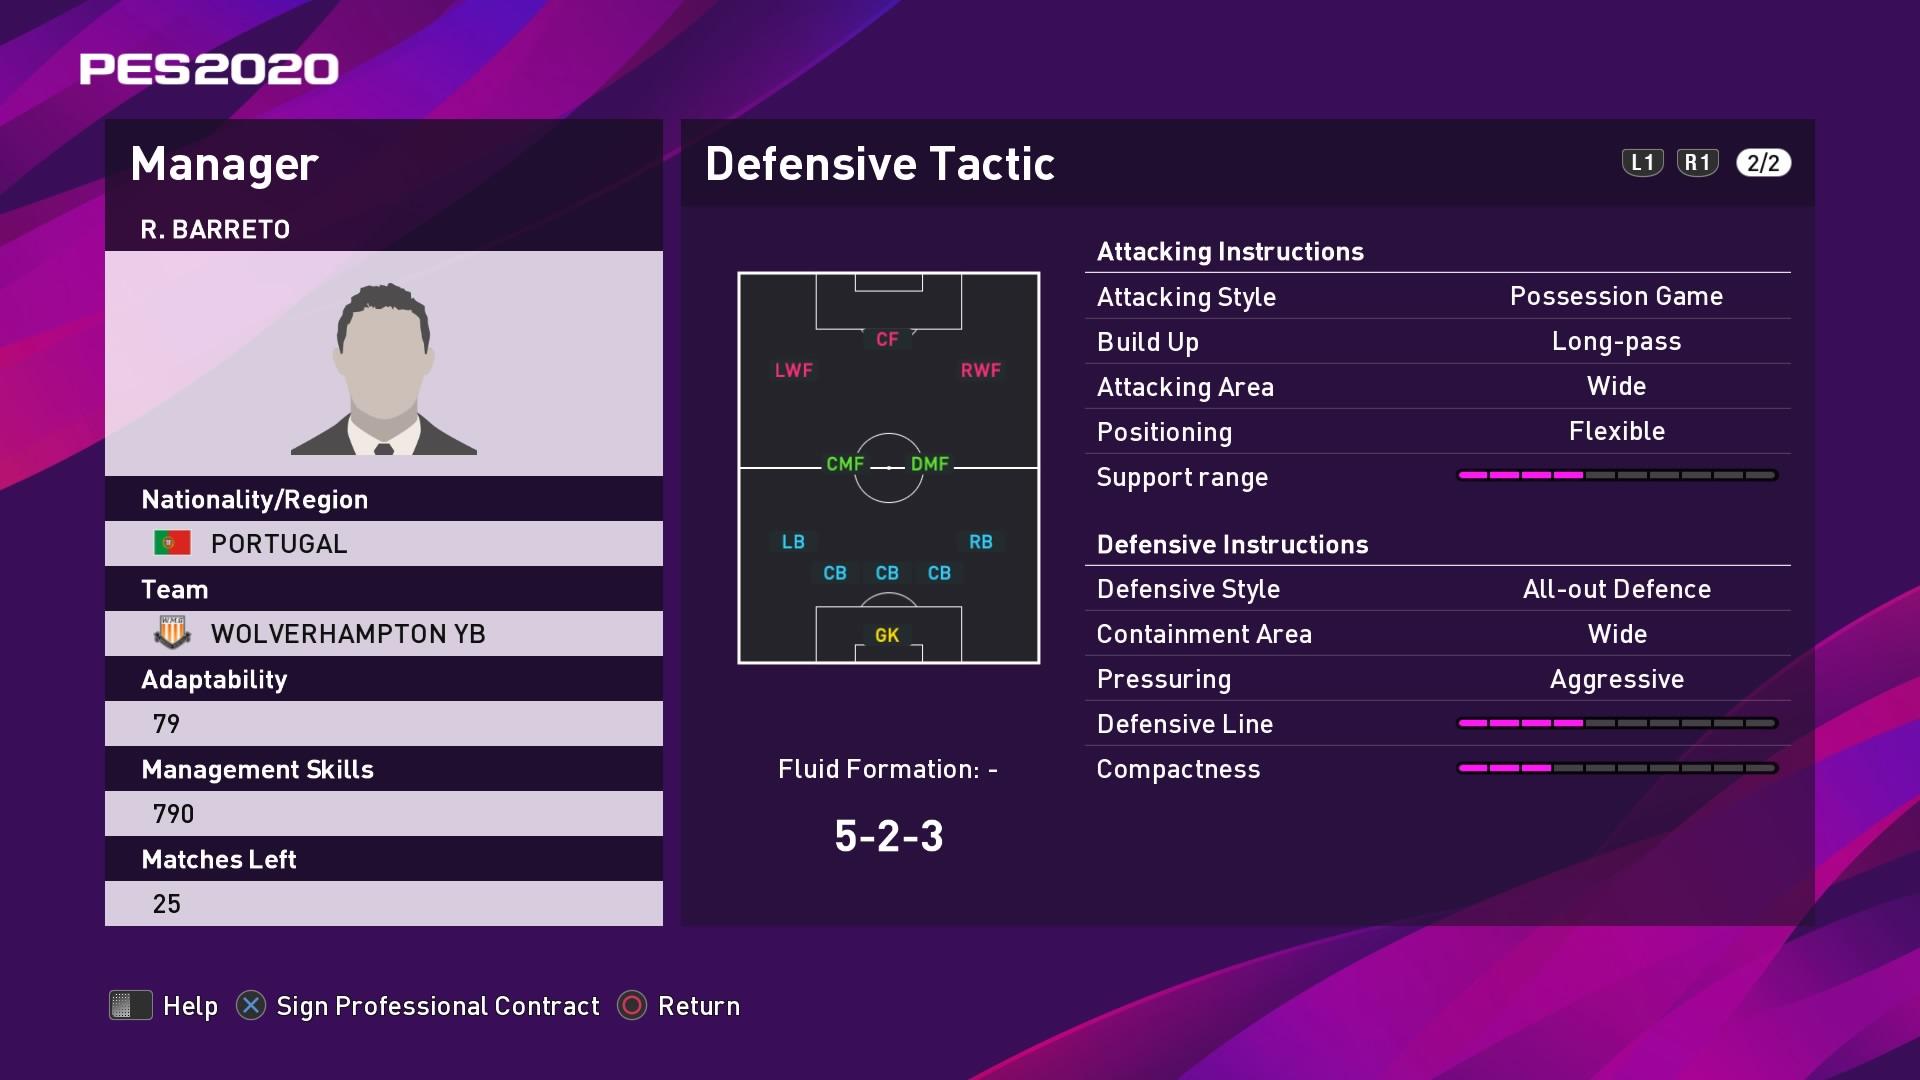 R. Barreto (Nuno Espírito Santo) Defensive Tactic in PES 2020 myClub